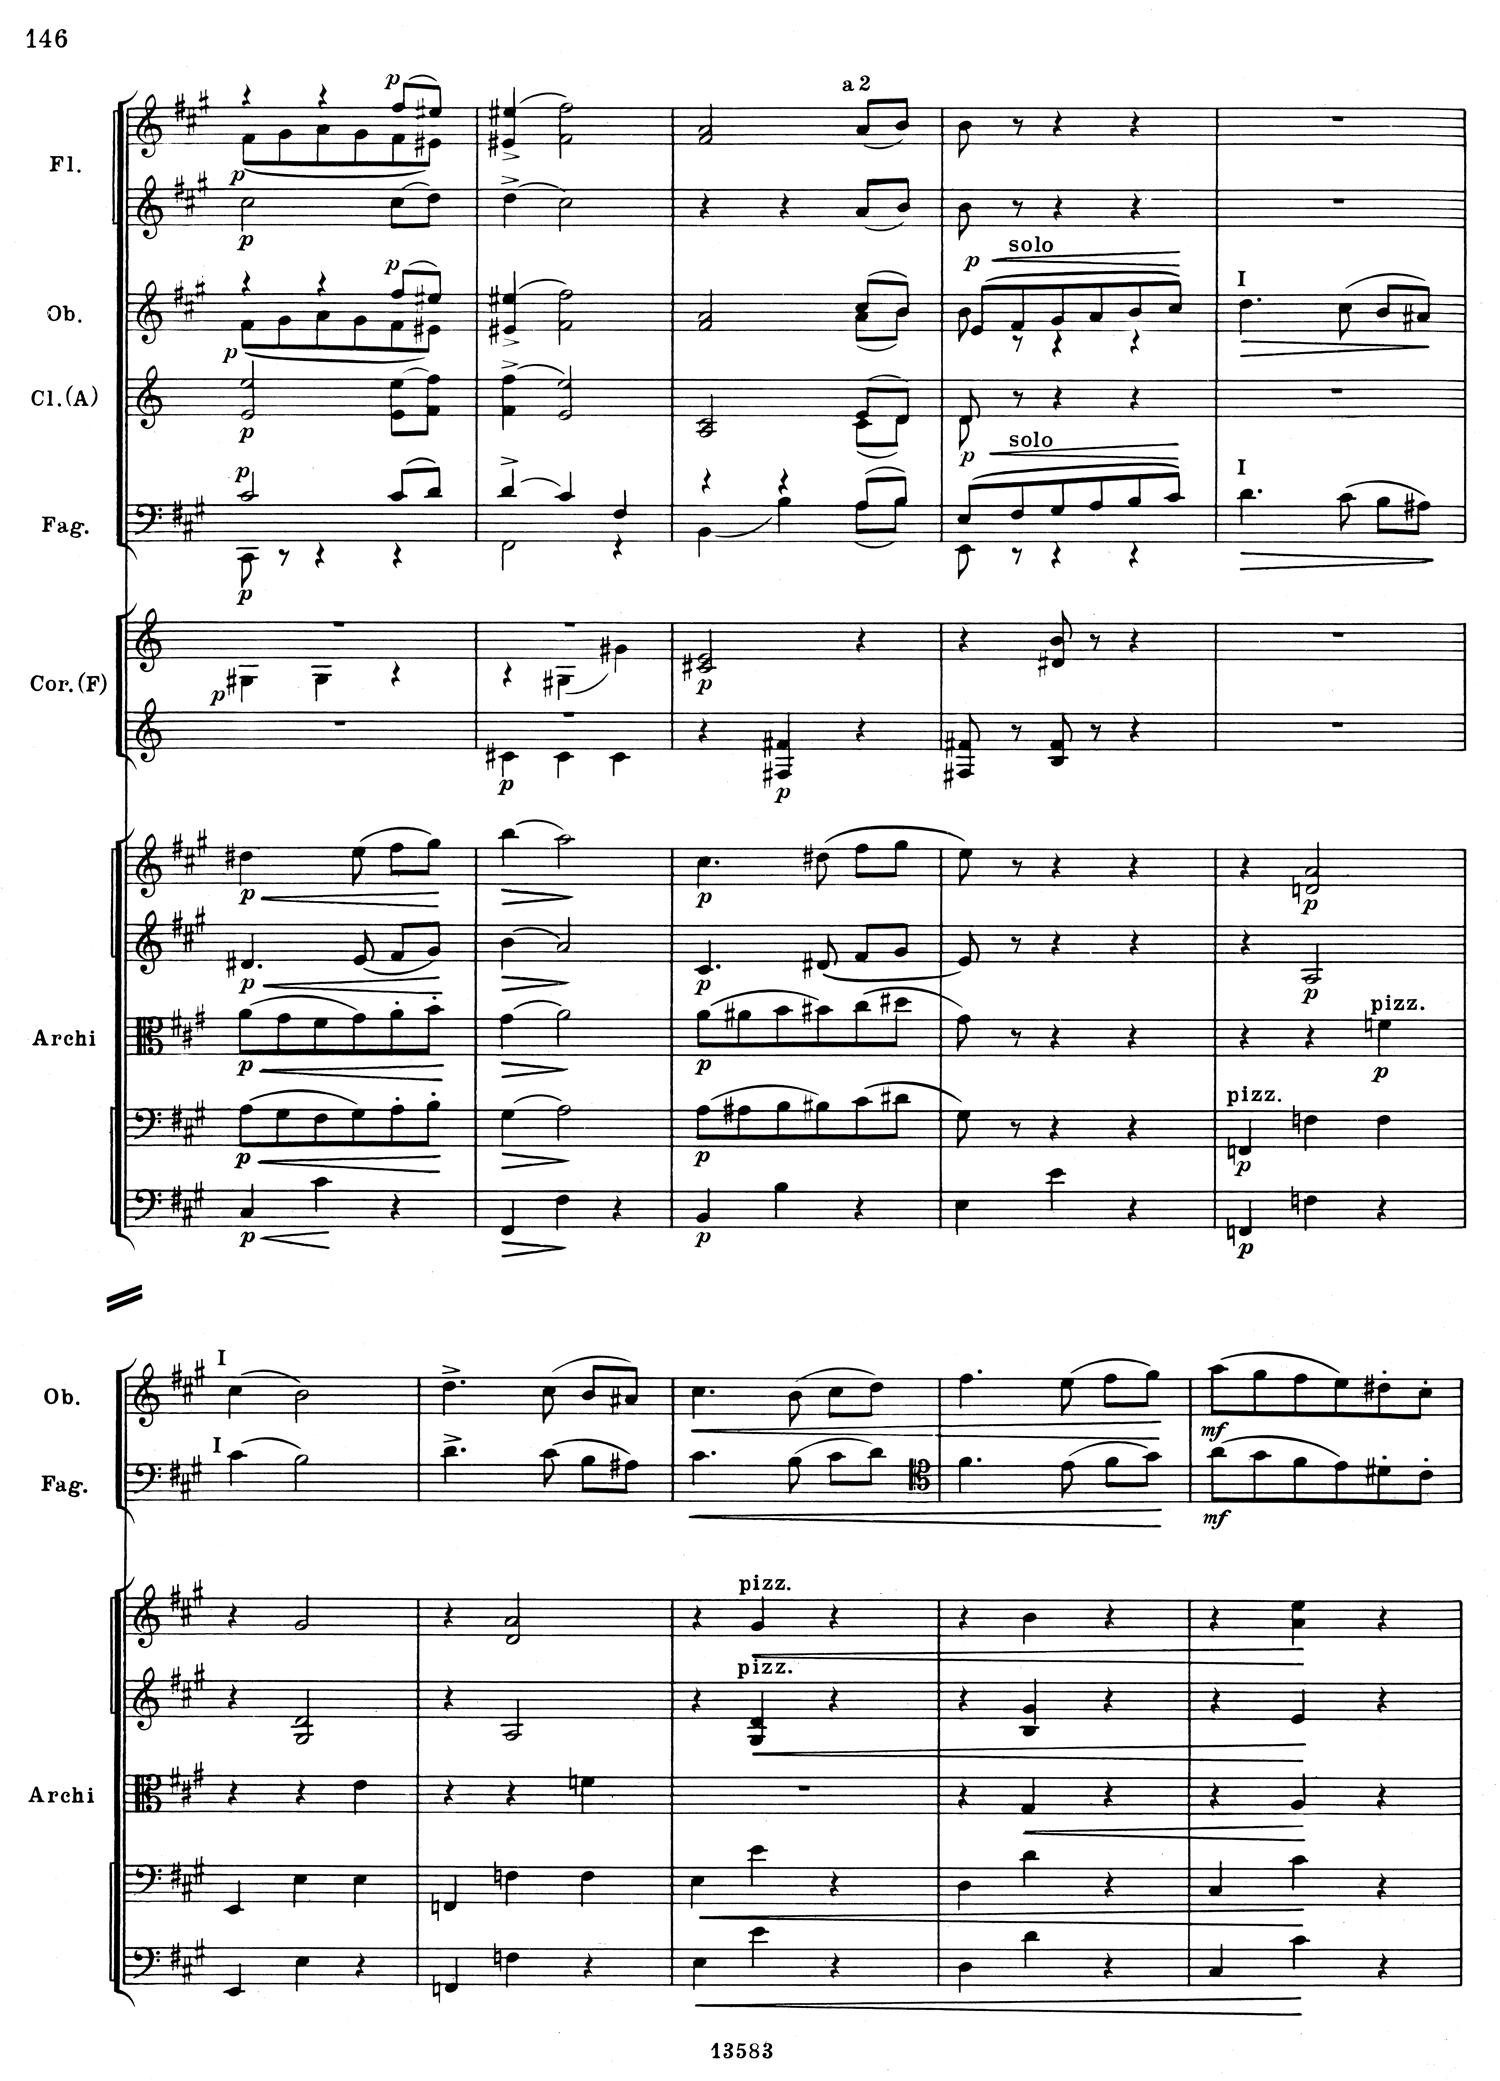 Tchaikovsky 5 Mvt 3 Score 1.jpg